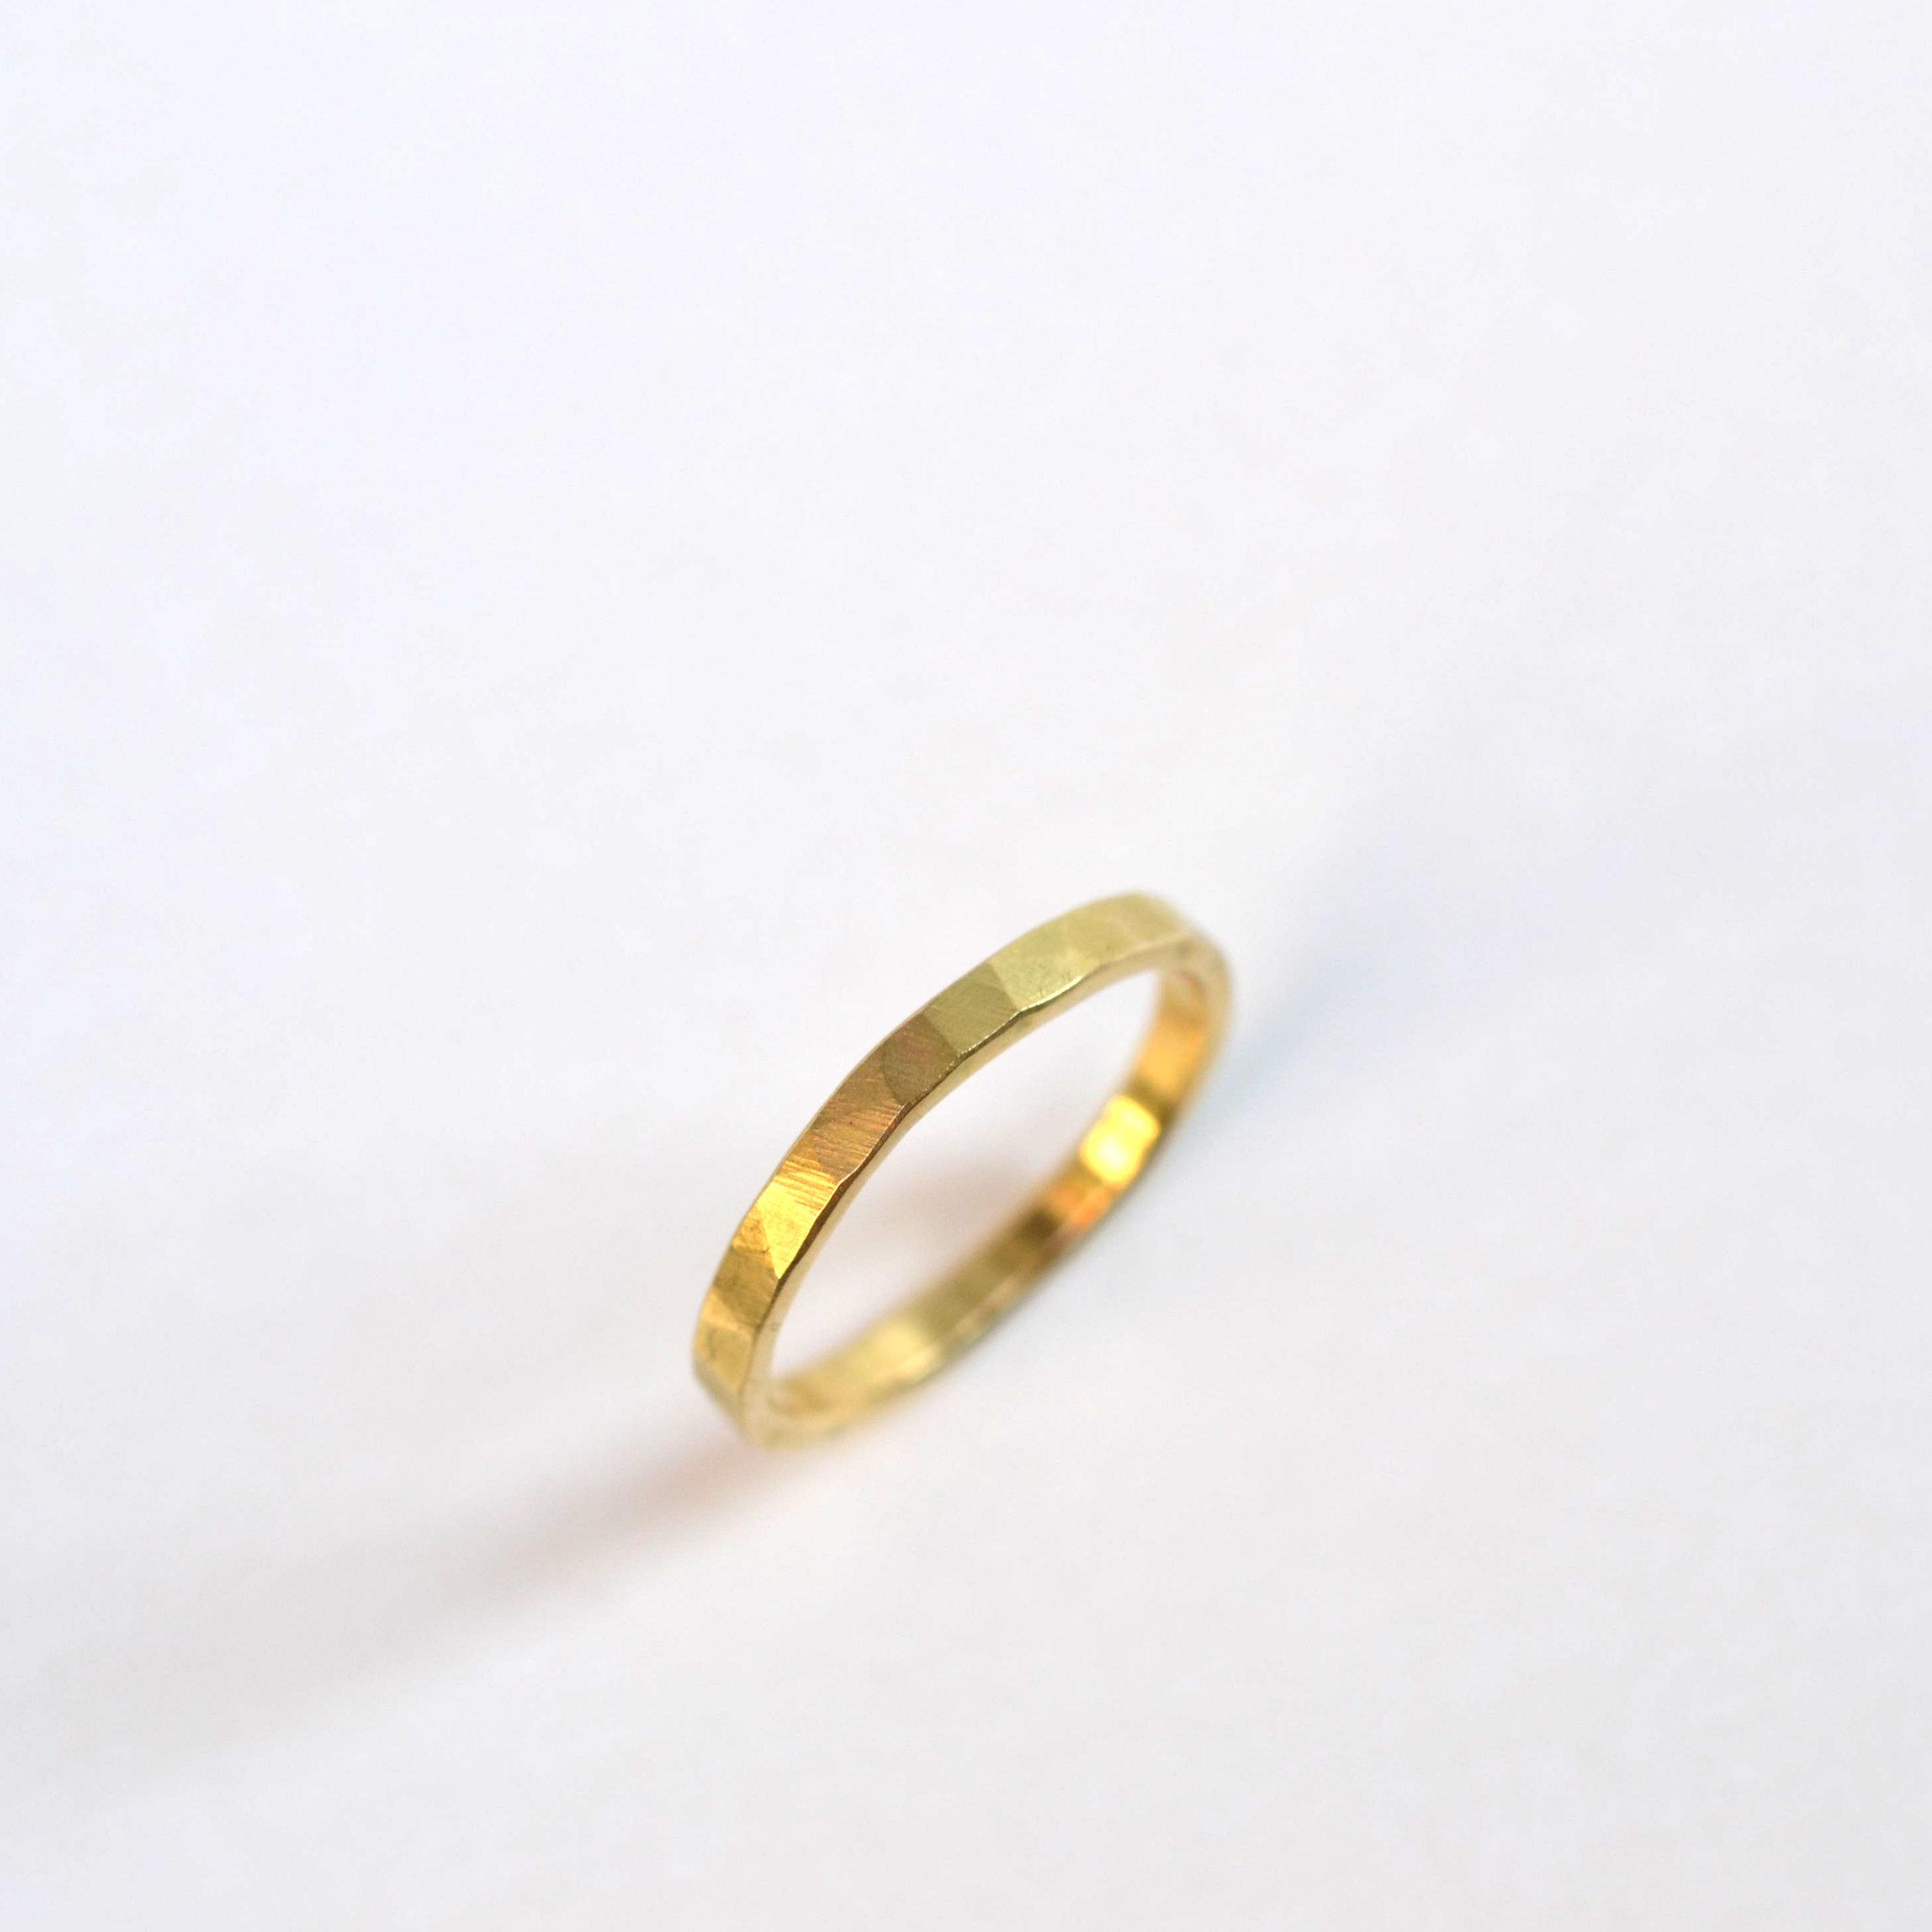 fijne geel gouden gehamerde ring.jpg